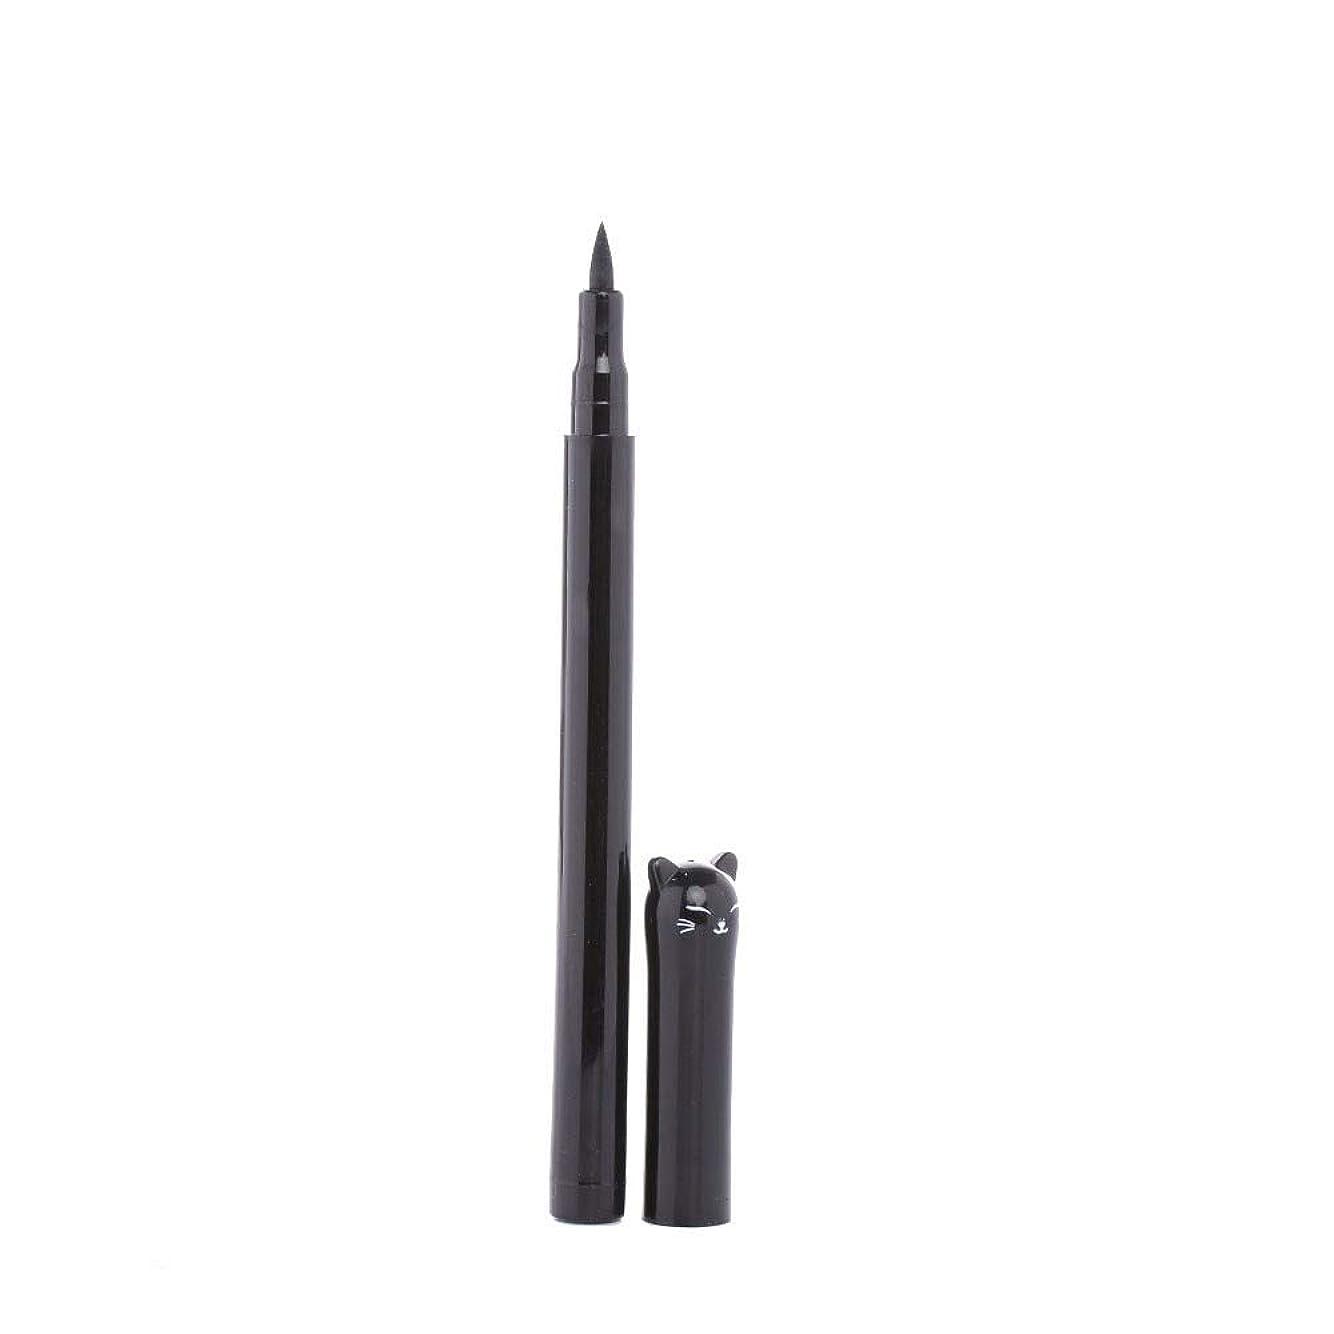 ピアノ磁石本体Semperole - 1PC NEWビューティーキャットスタイルブラック長持ち防水リキッドアイライナーアイライナーペン鉛筆メイクアップ化粧品ツール